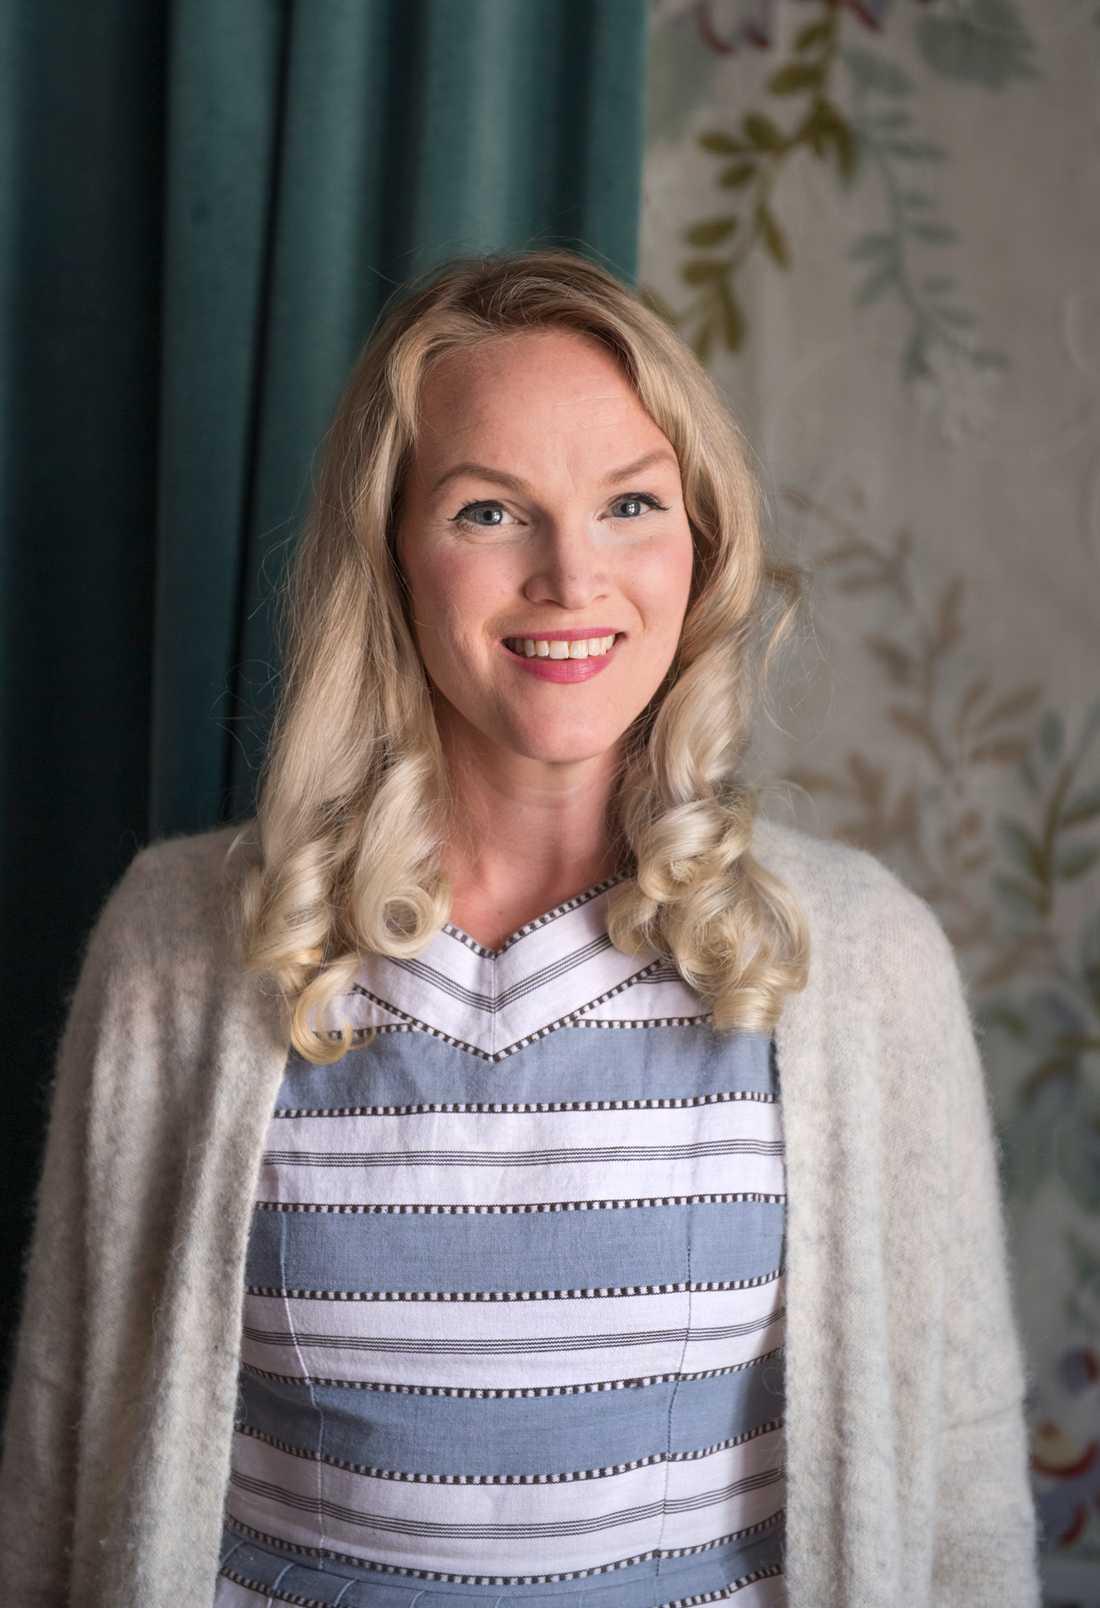 Emma Sundh, en av grundarna av Klimatklubben. Hon och 86 andra influencers vill att Stefan Löfven kör över väljarna för klimatets skull.